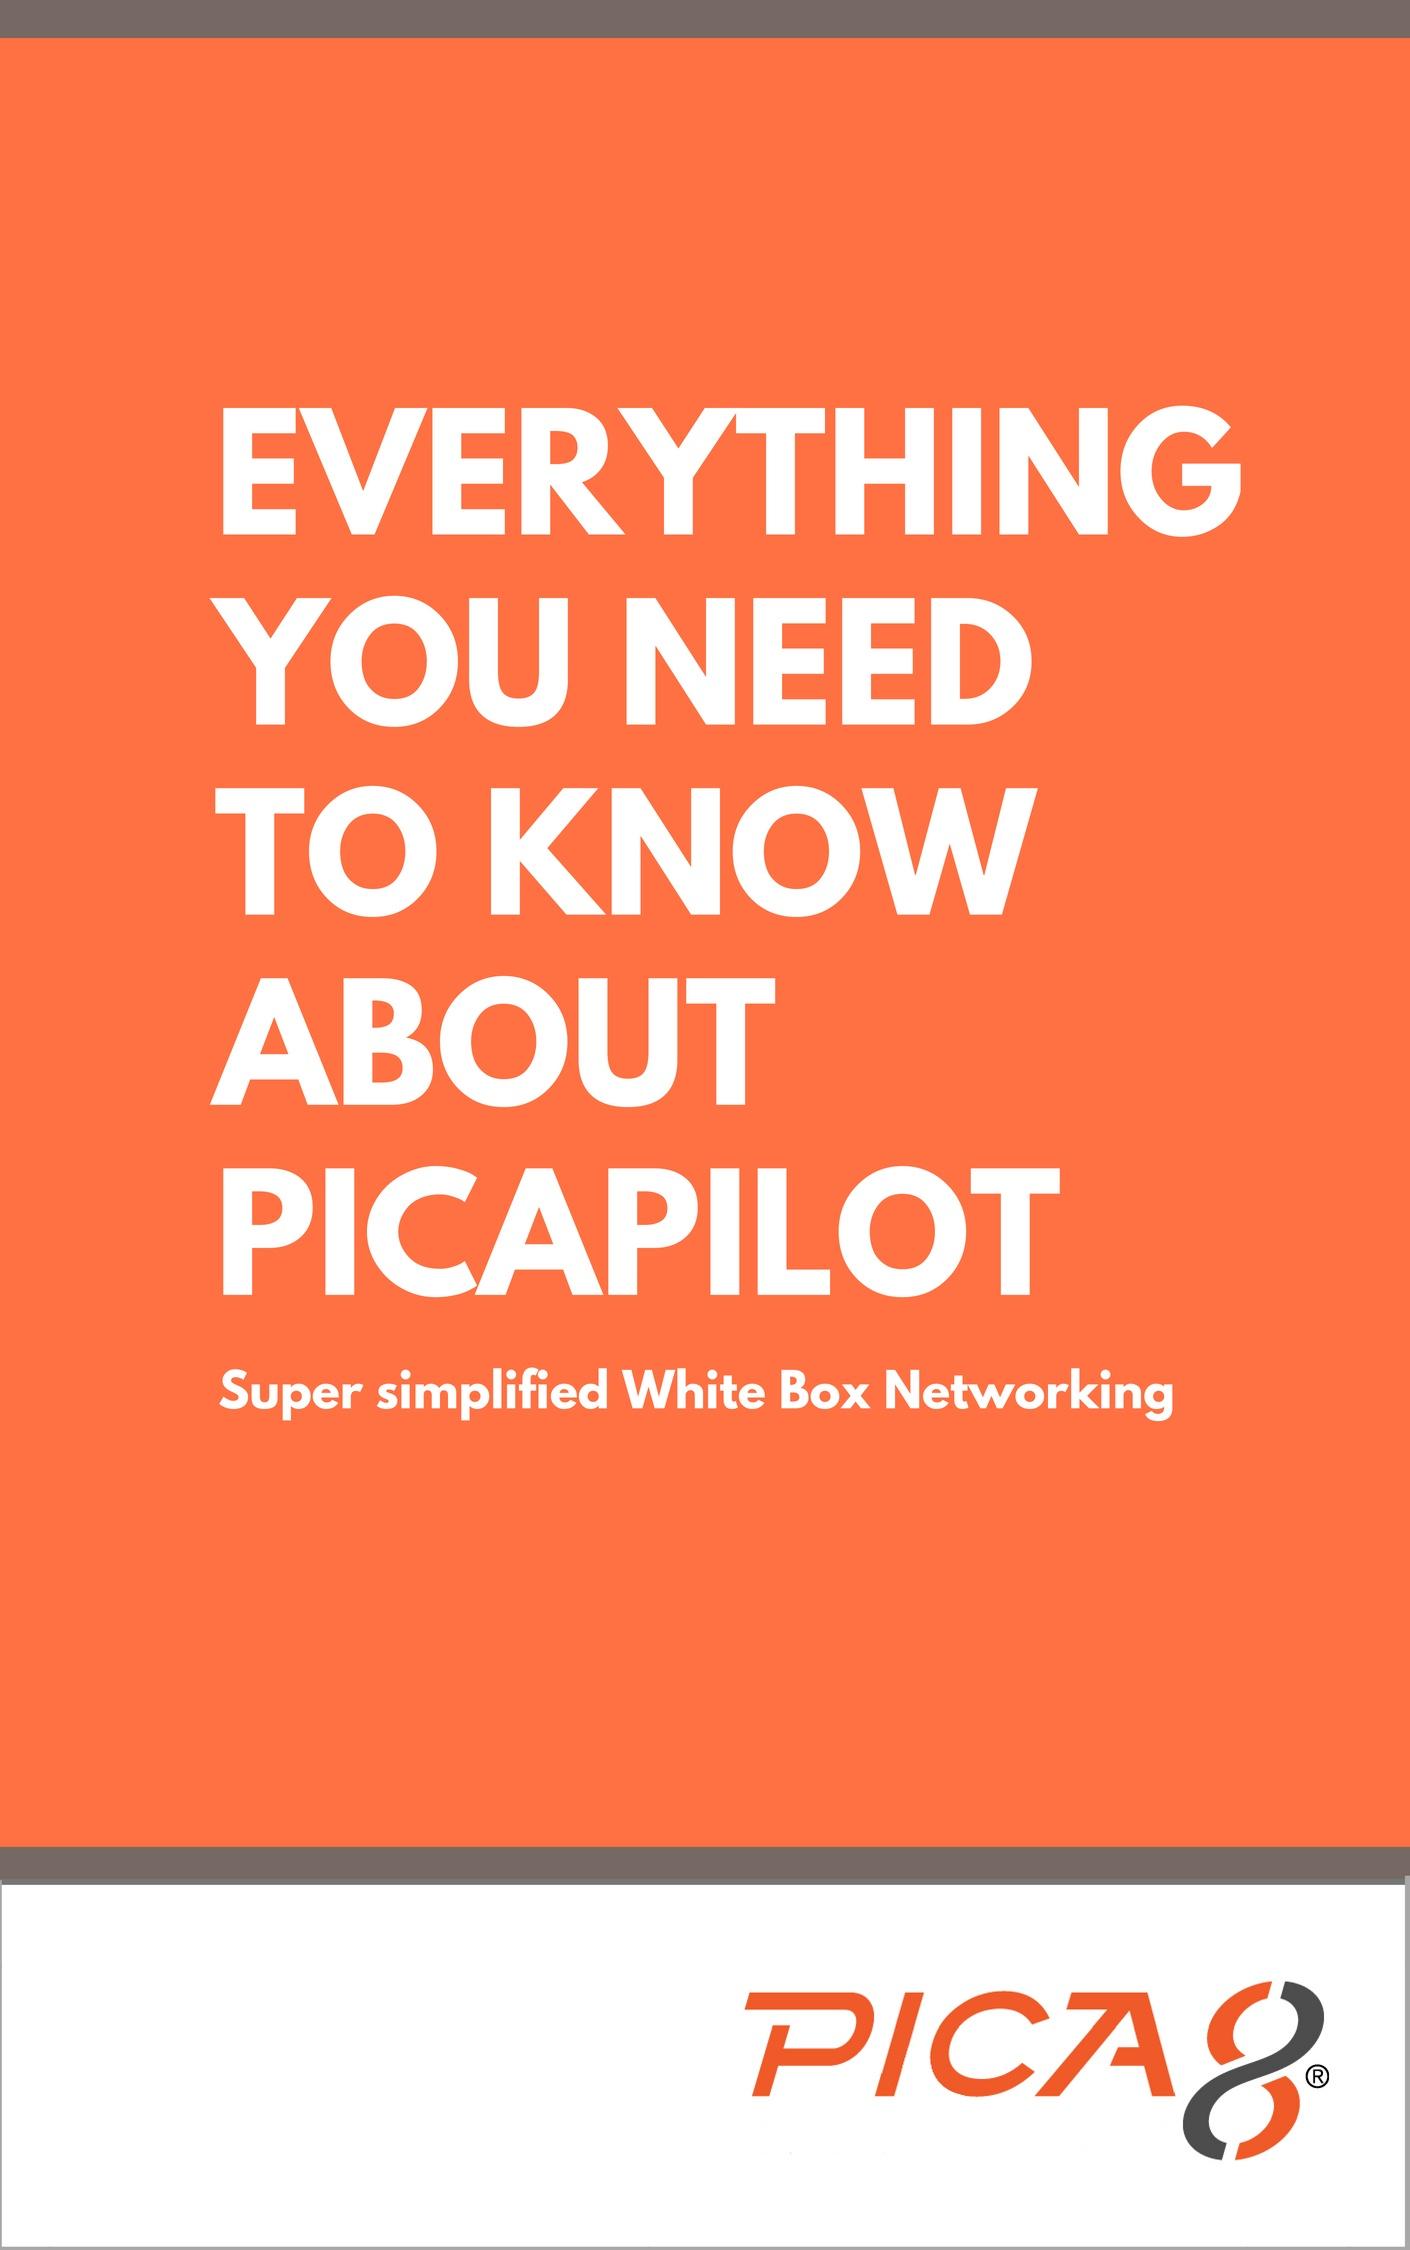 PicaPilot_LP_image-3